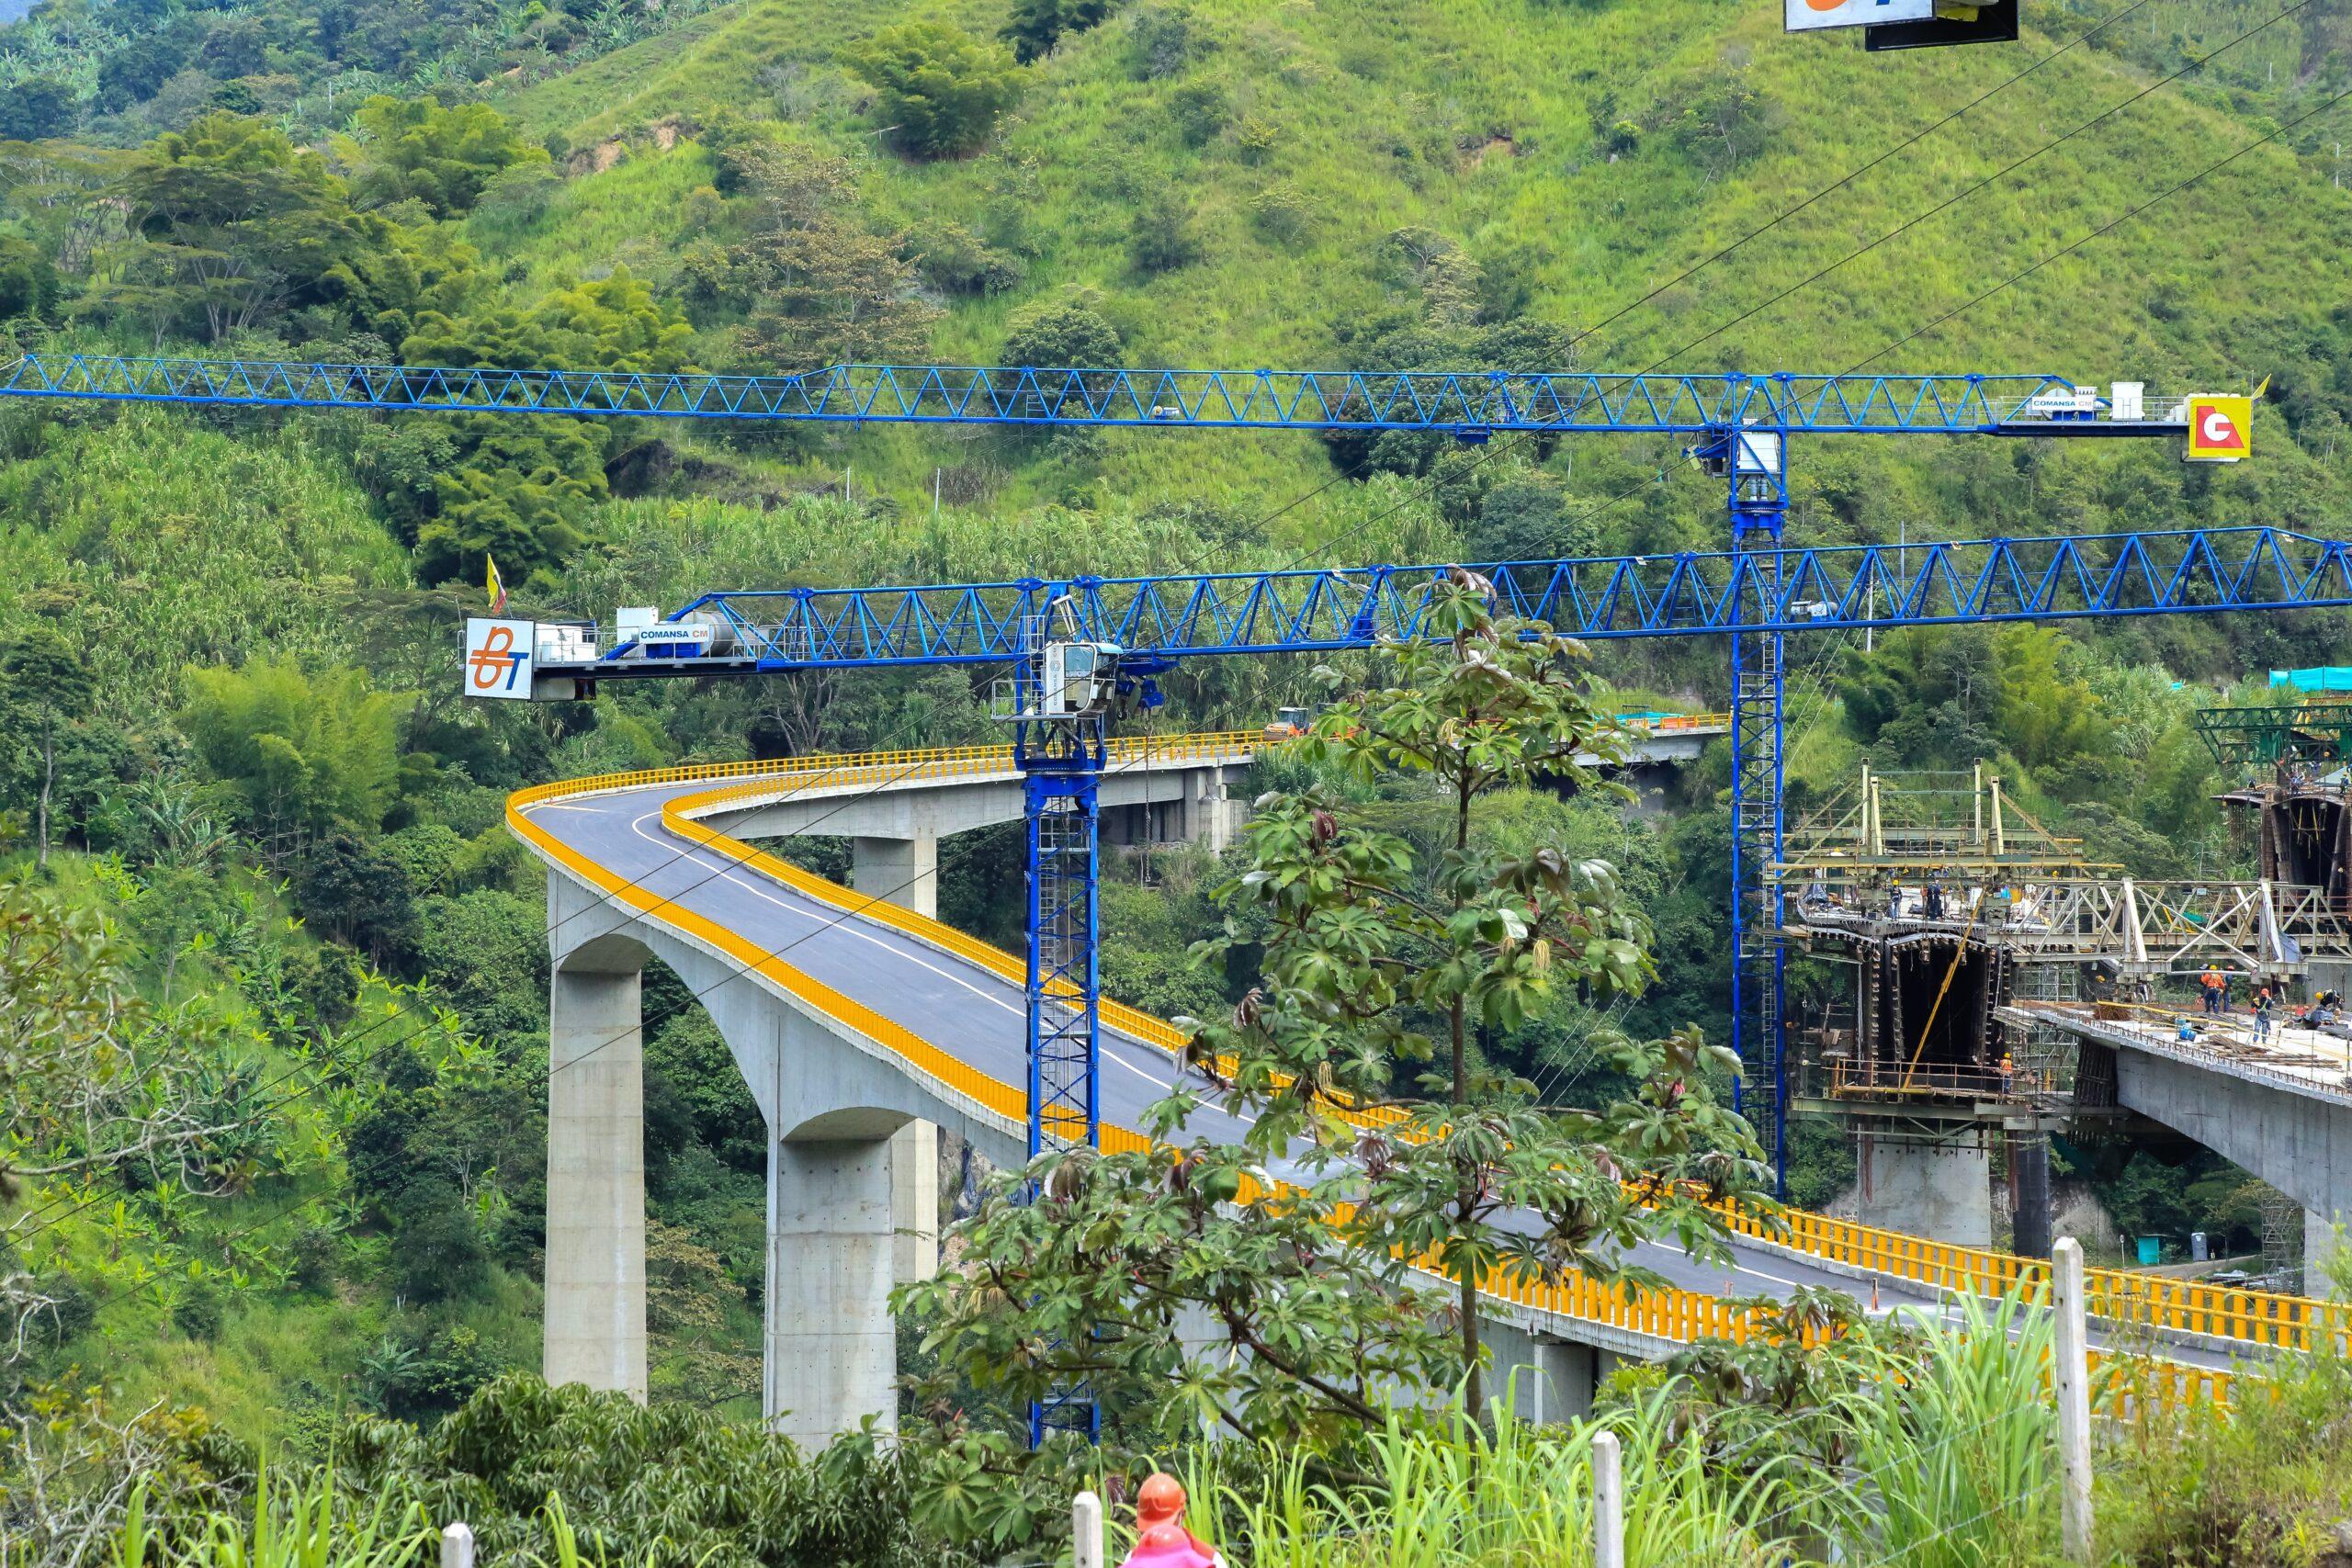 21 Viaductos en 15 kilómetros tiene el primer tramo de la nueva vía Ibagué- Cajamarca 9